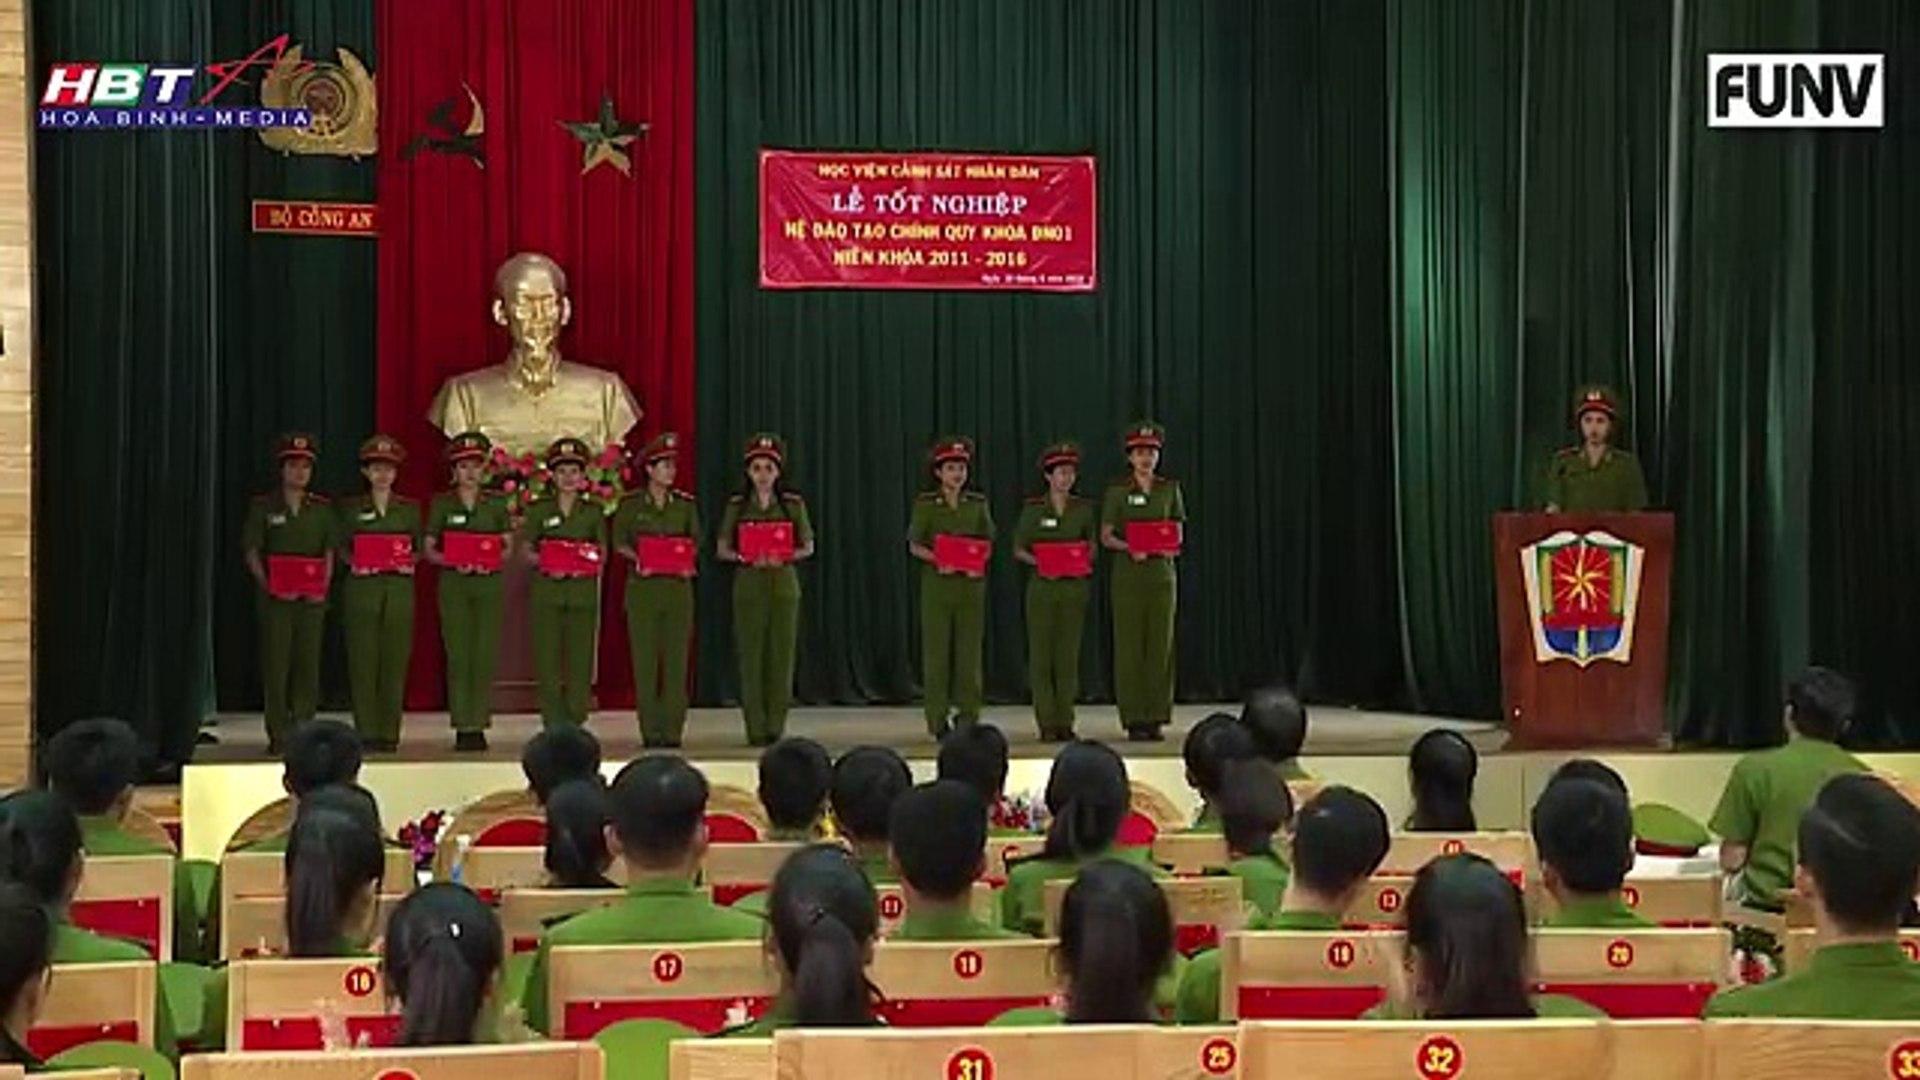 -Trailer- Hoa Hồng Thép - Tập 58  Phim Hình Sự  Phim Truyền Hình Việt Nam Mới Nhất - FUNV Phim